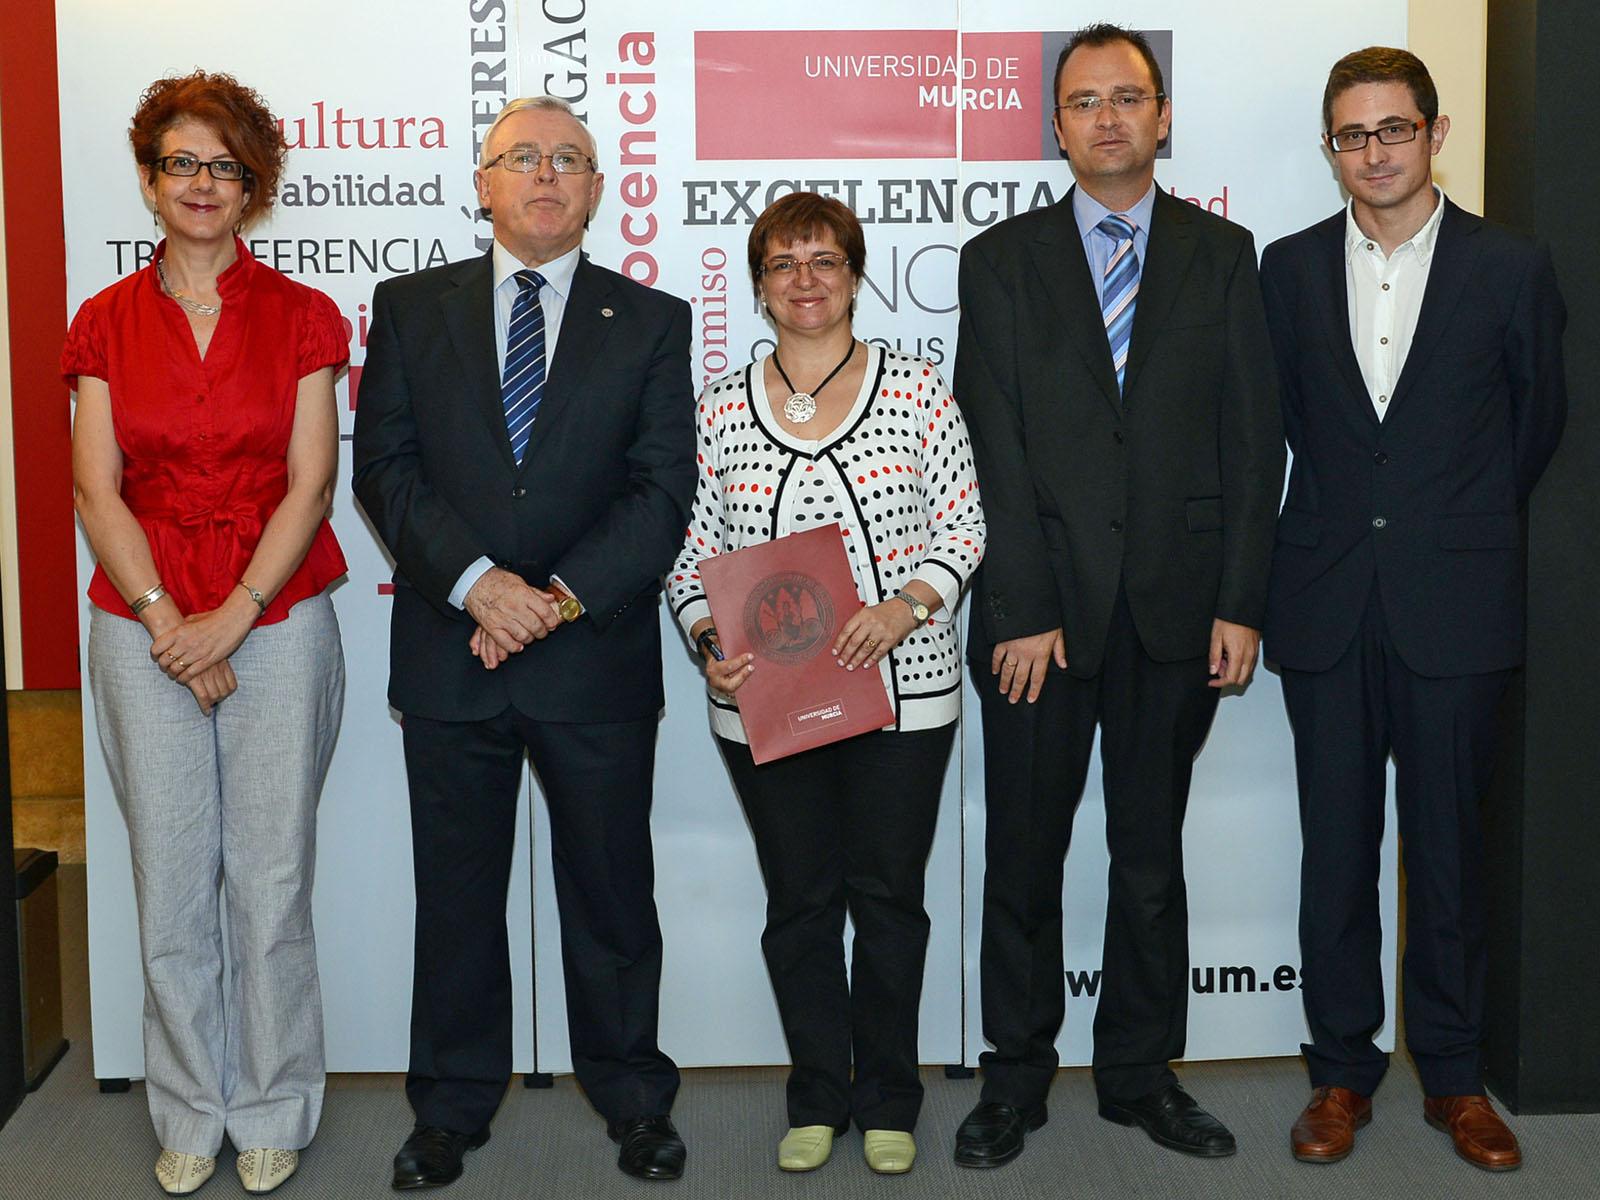 Convenio Astrade, Universidad de Murcia